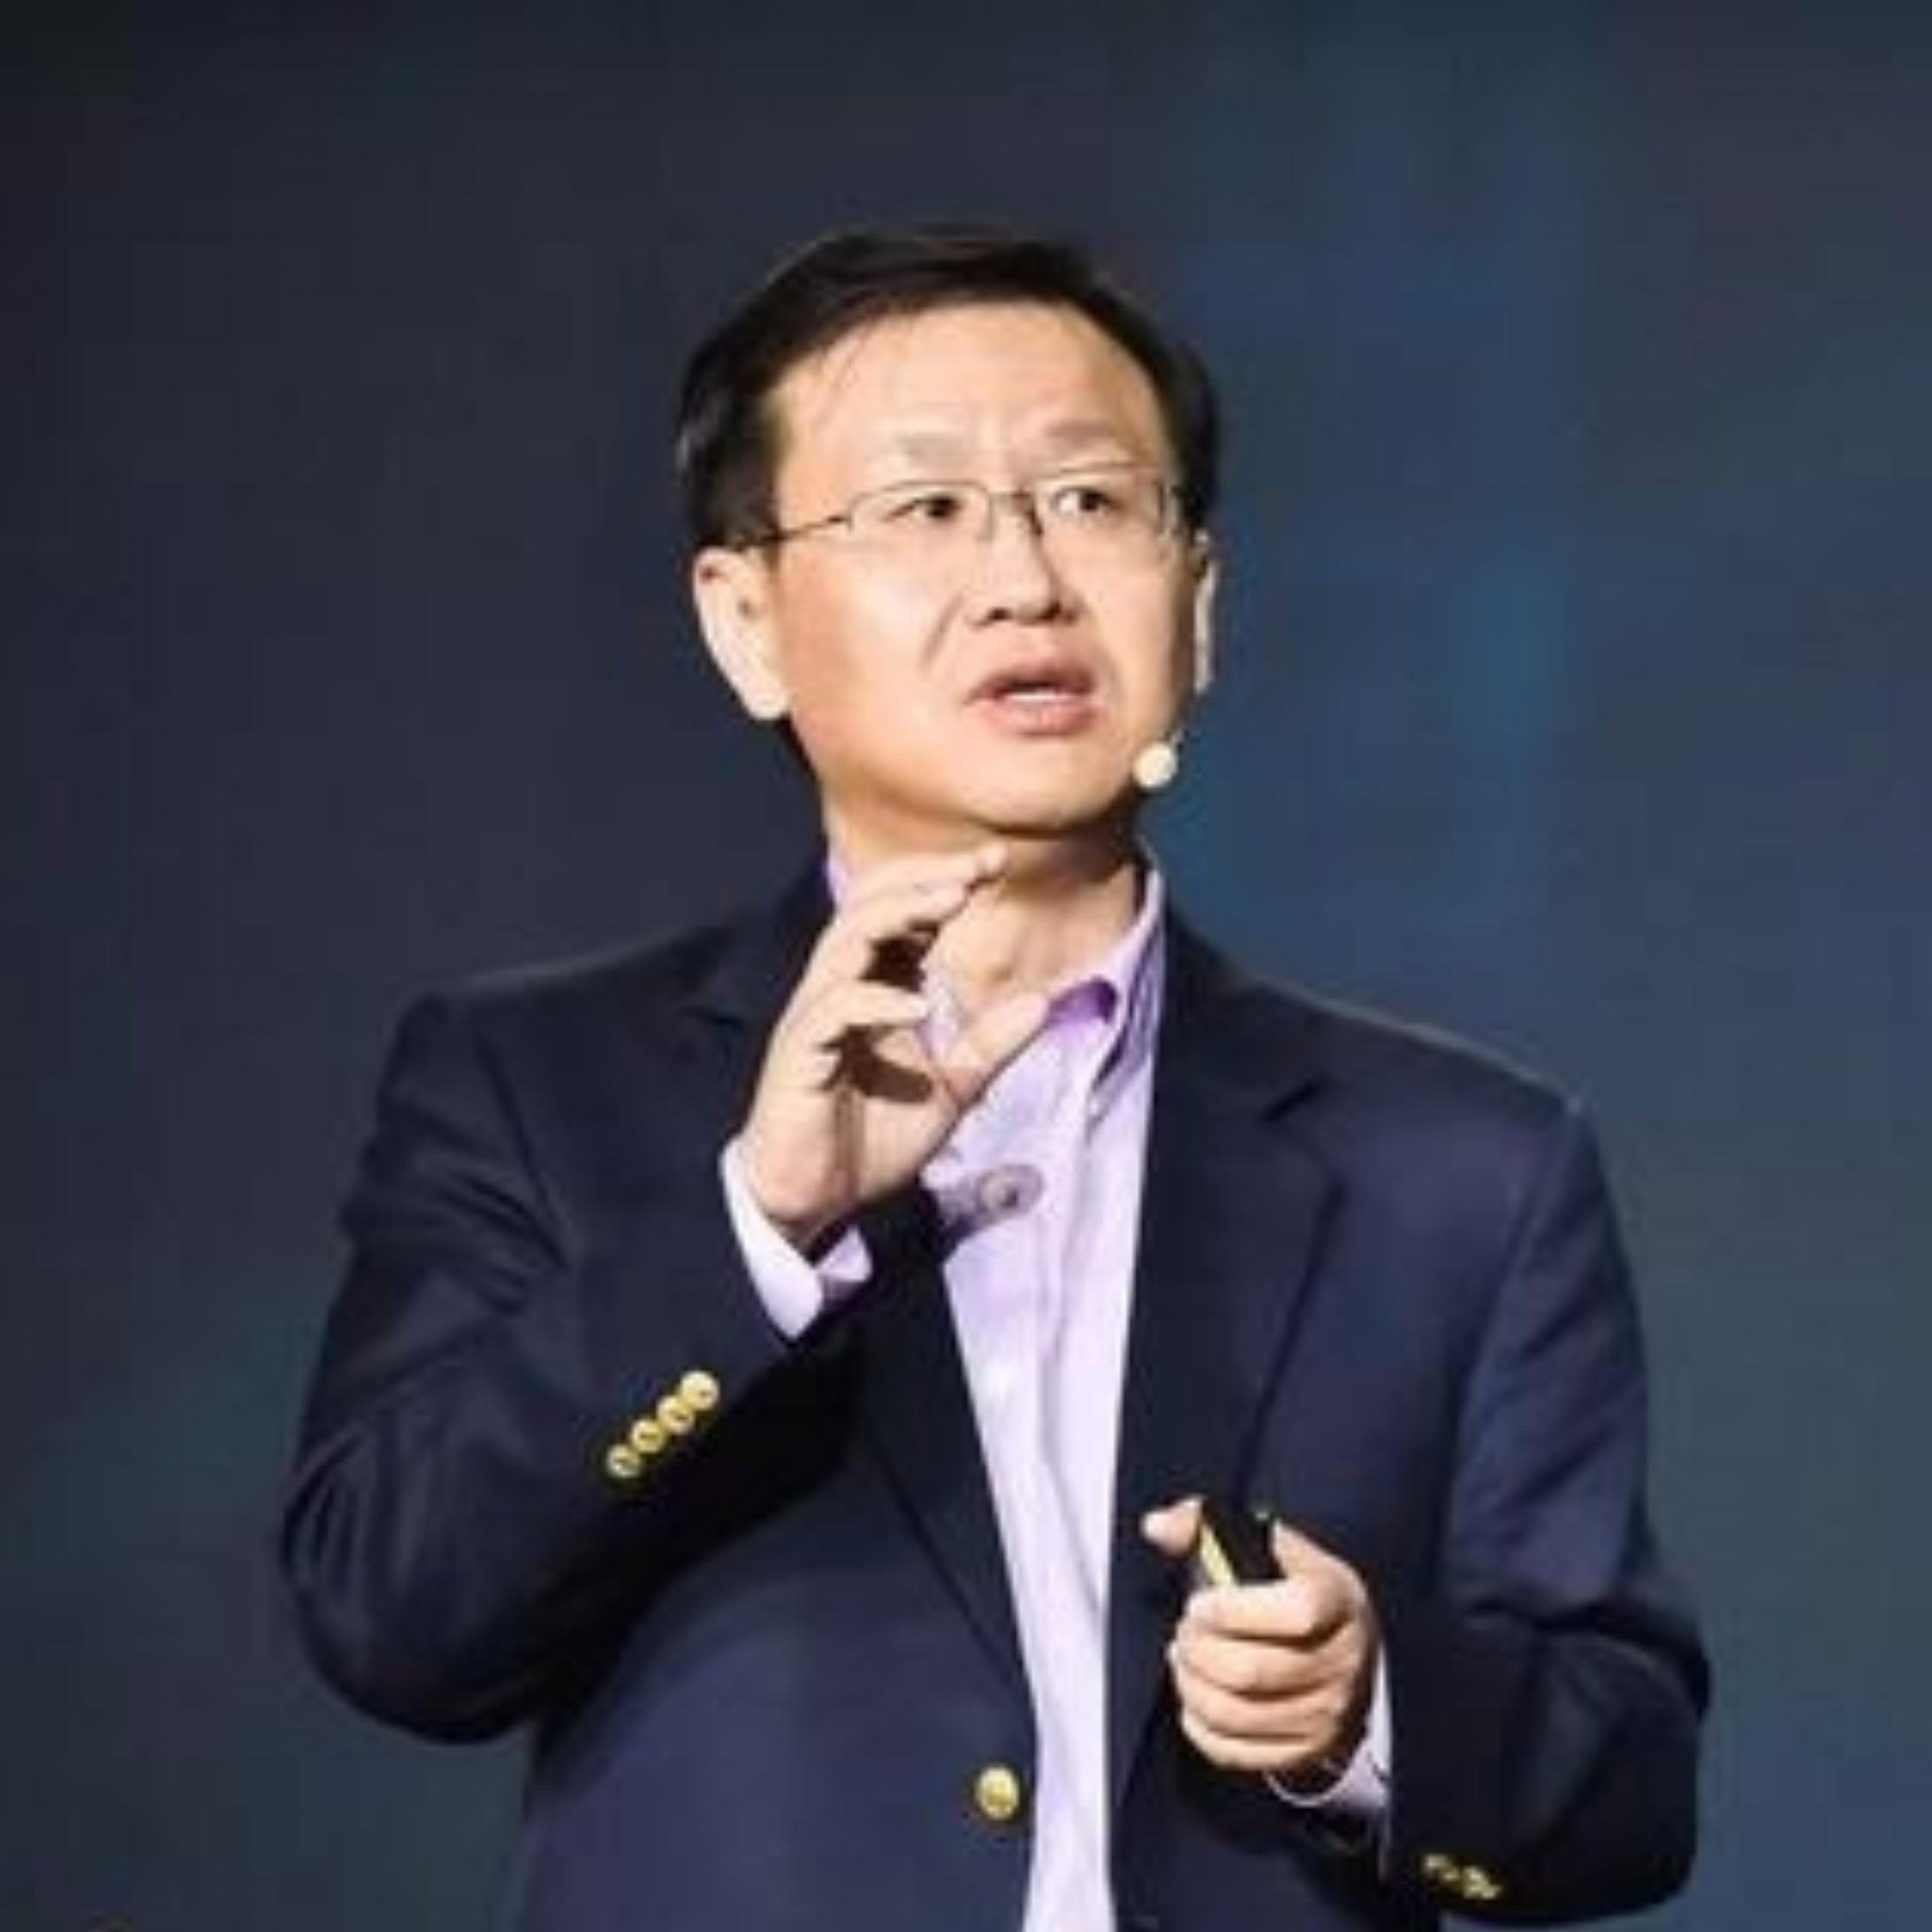 Xiaowei Shen